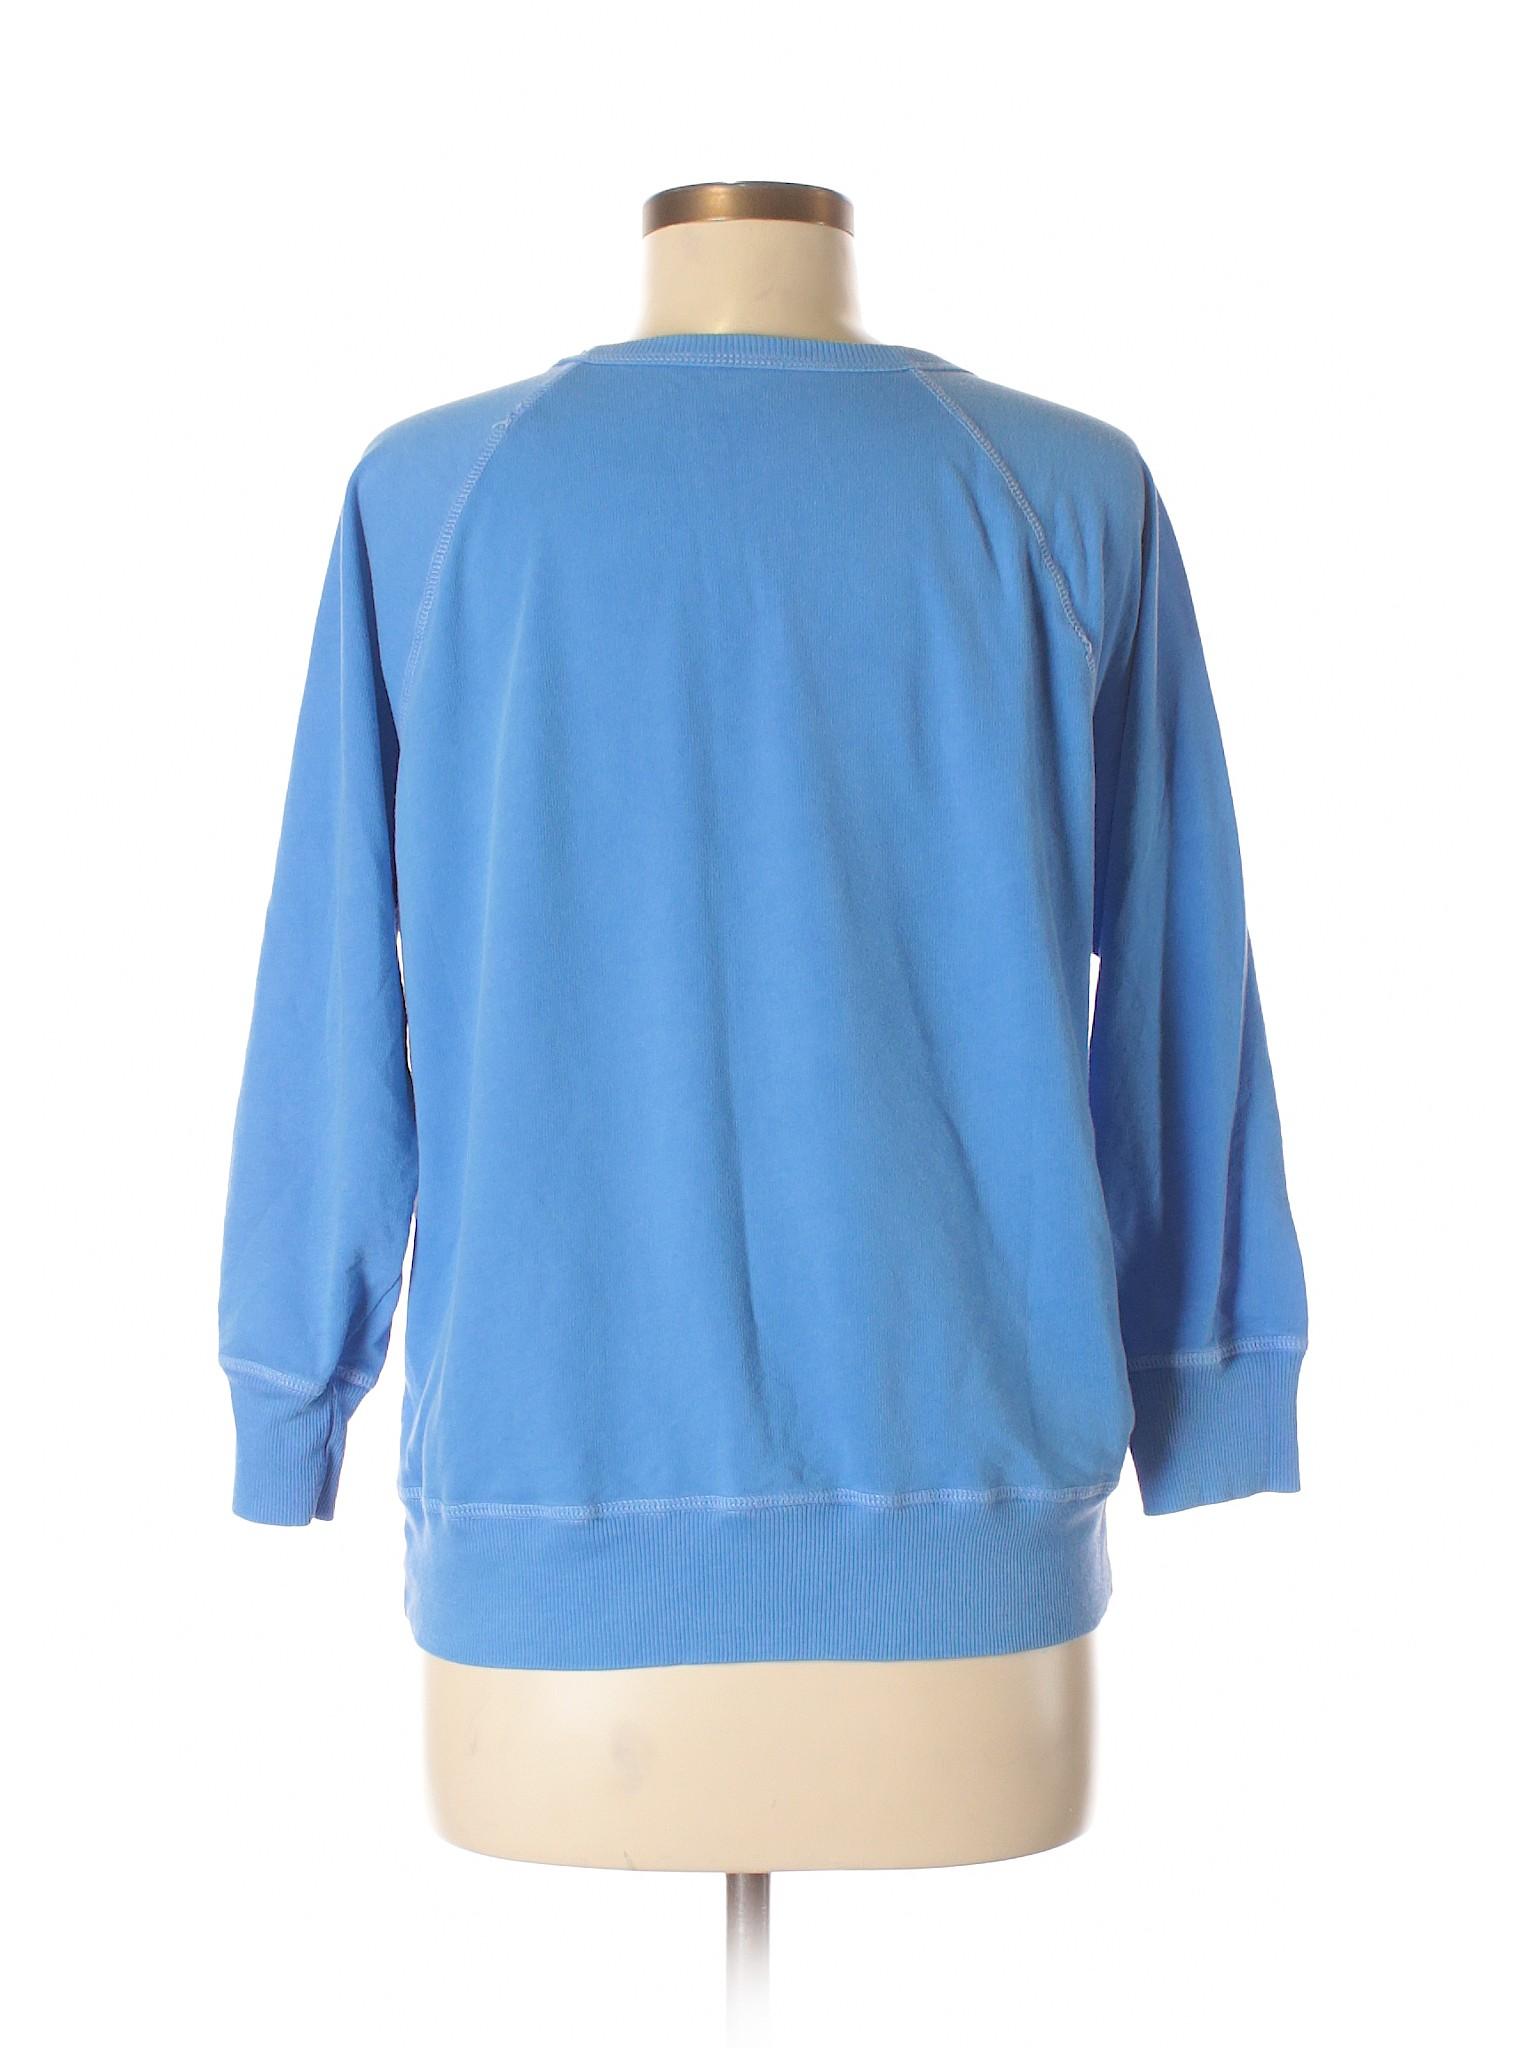 Pullover Sweater J winter Boutique Crew x0wPftpz